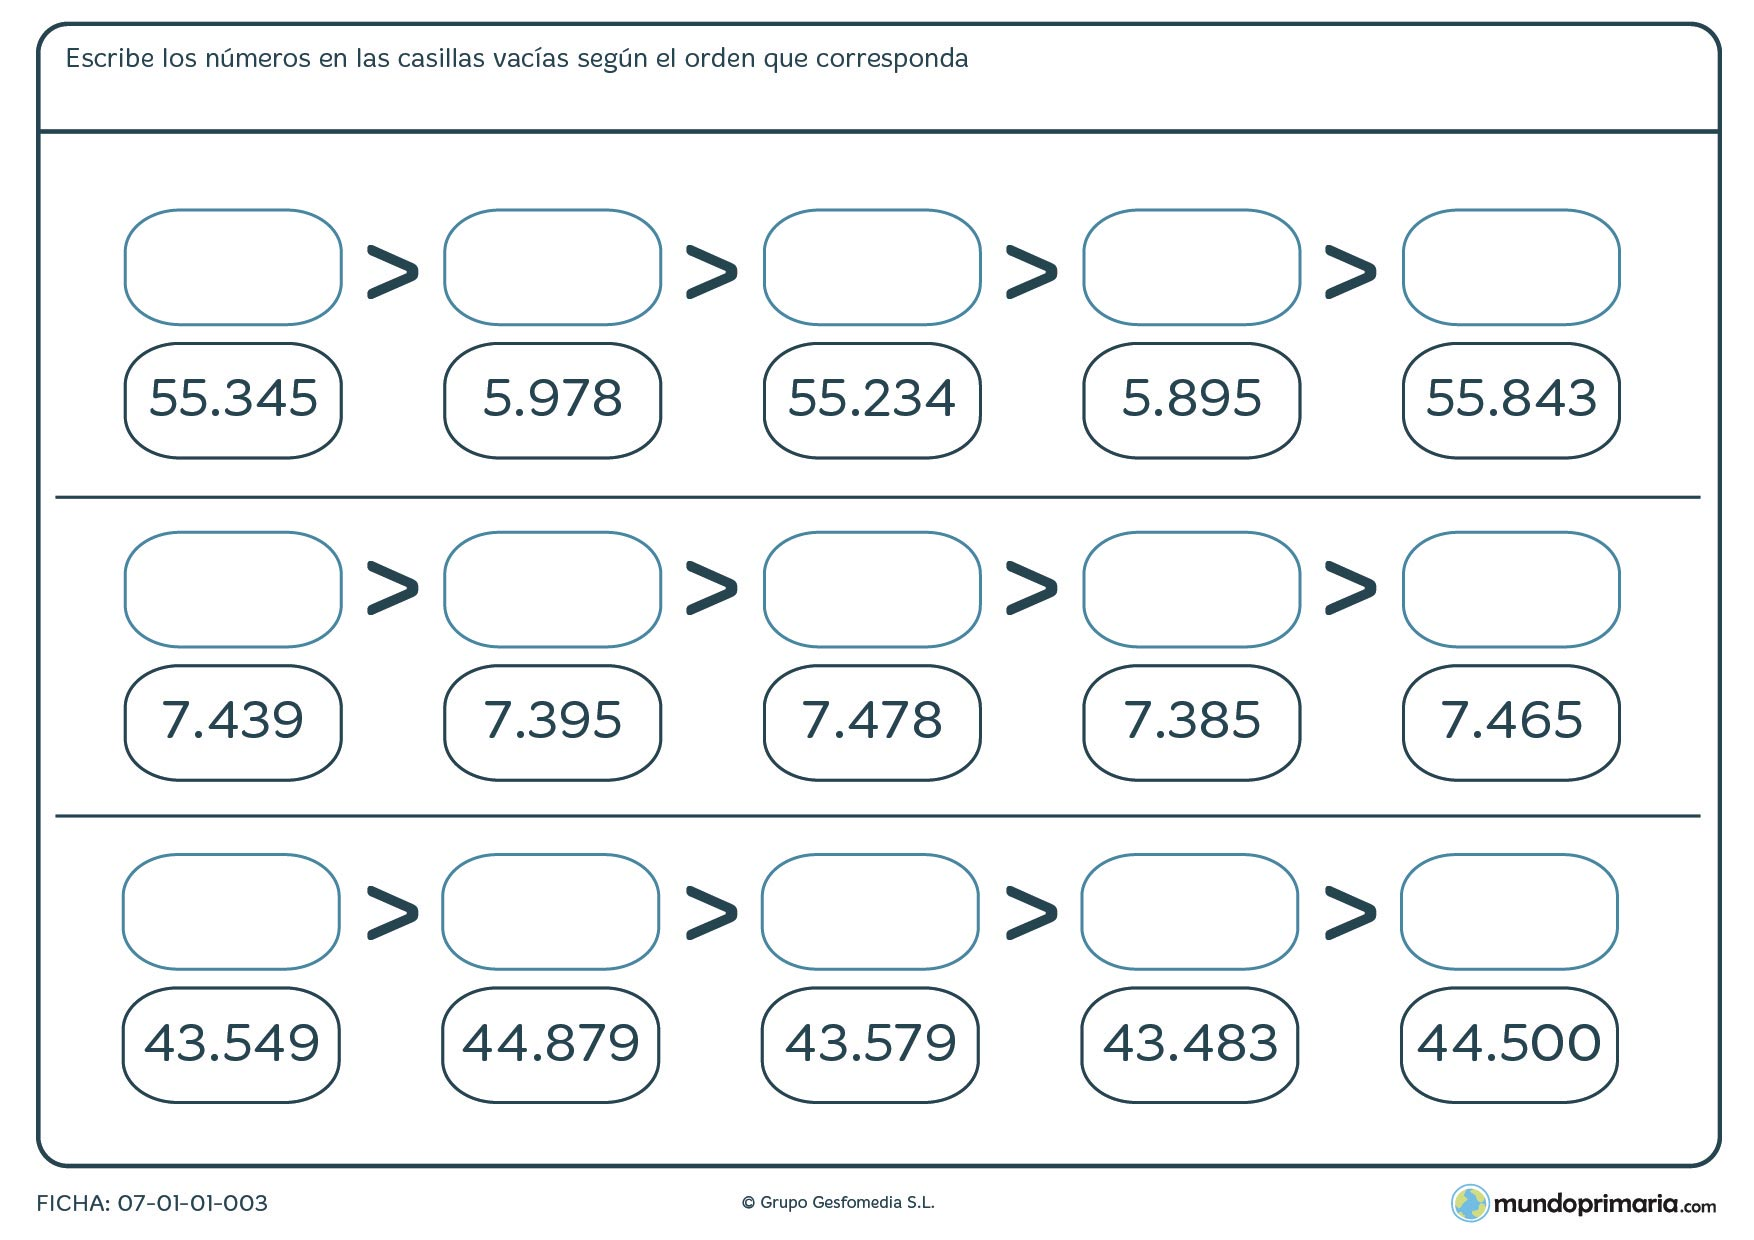 Ficha de ordenar números de 5 cifras completando los huecos en blanco de mayor a menor.